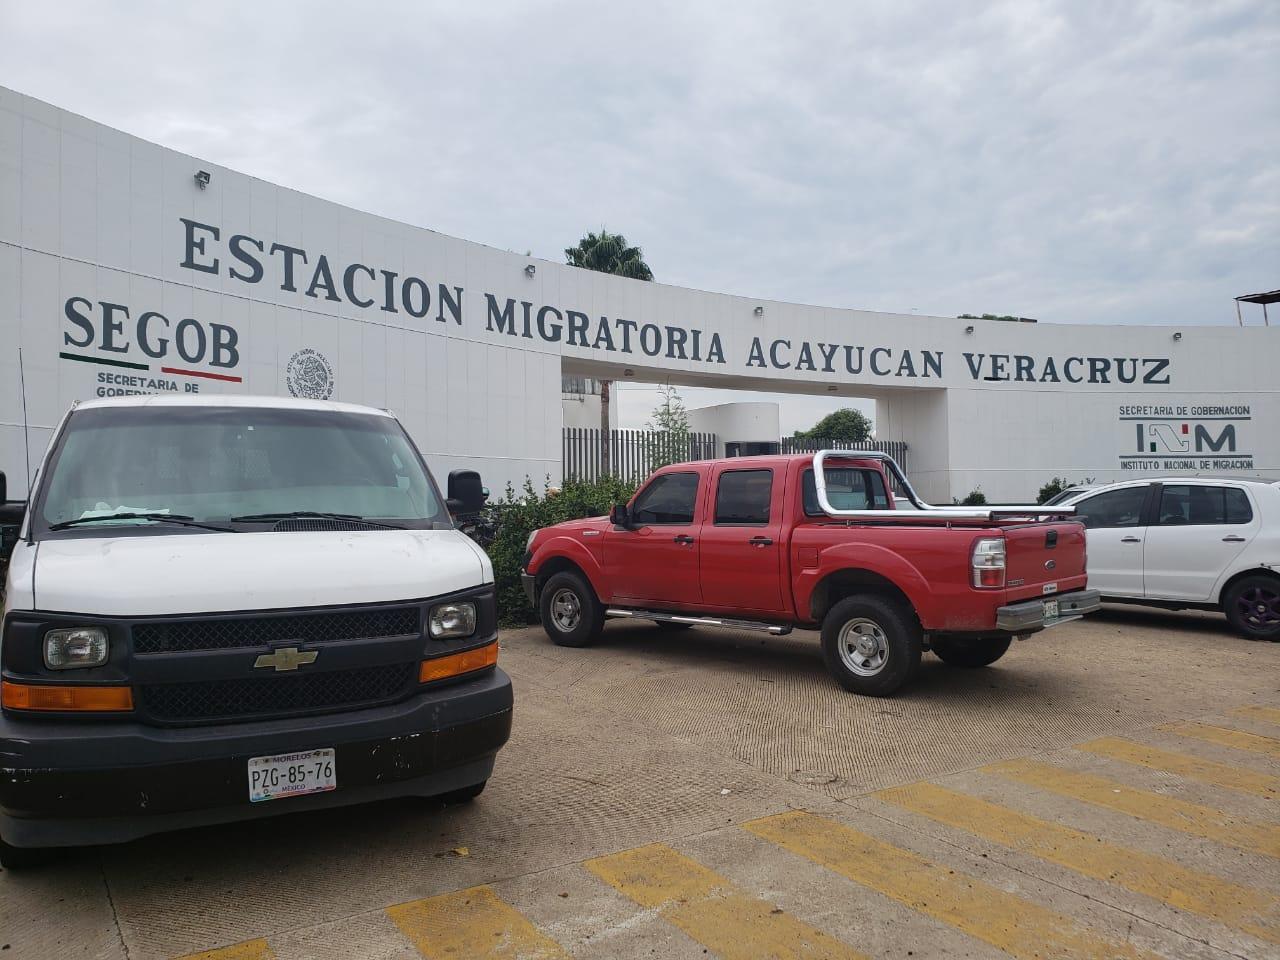 Maltrato a migrantes obliga remodelación de estancia en Acayucan